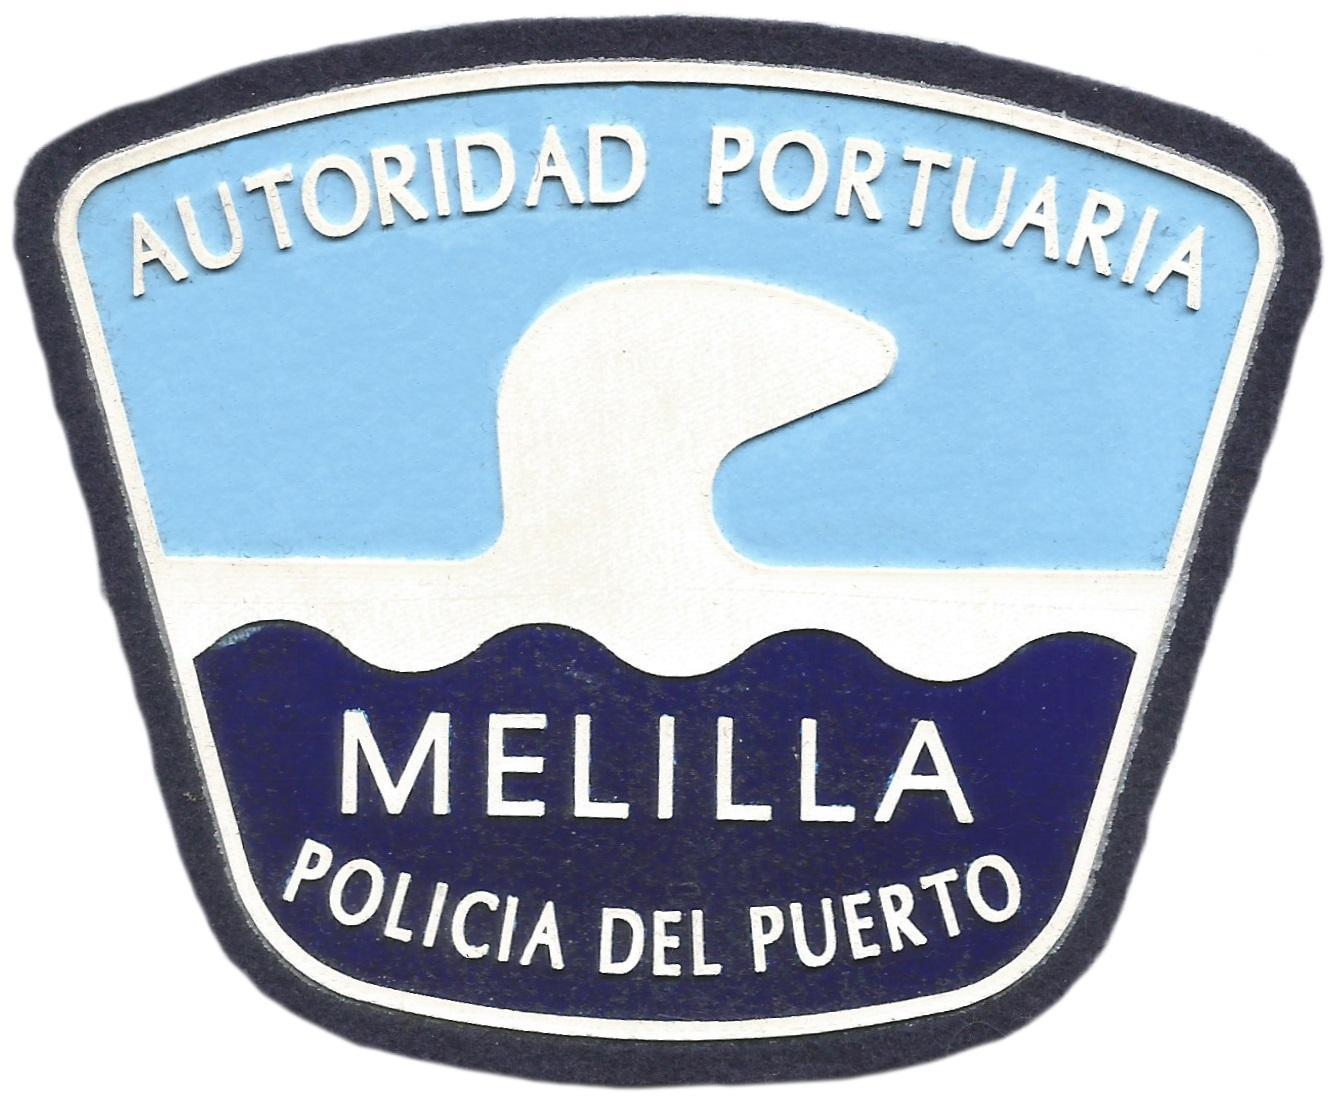 POLICÍA AUTORIDAD PORTUARIA DE MELILLA PARCHE INSIGNIA EMBLEMA DISTINTIVO